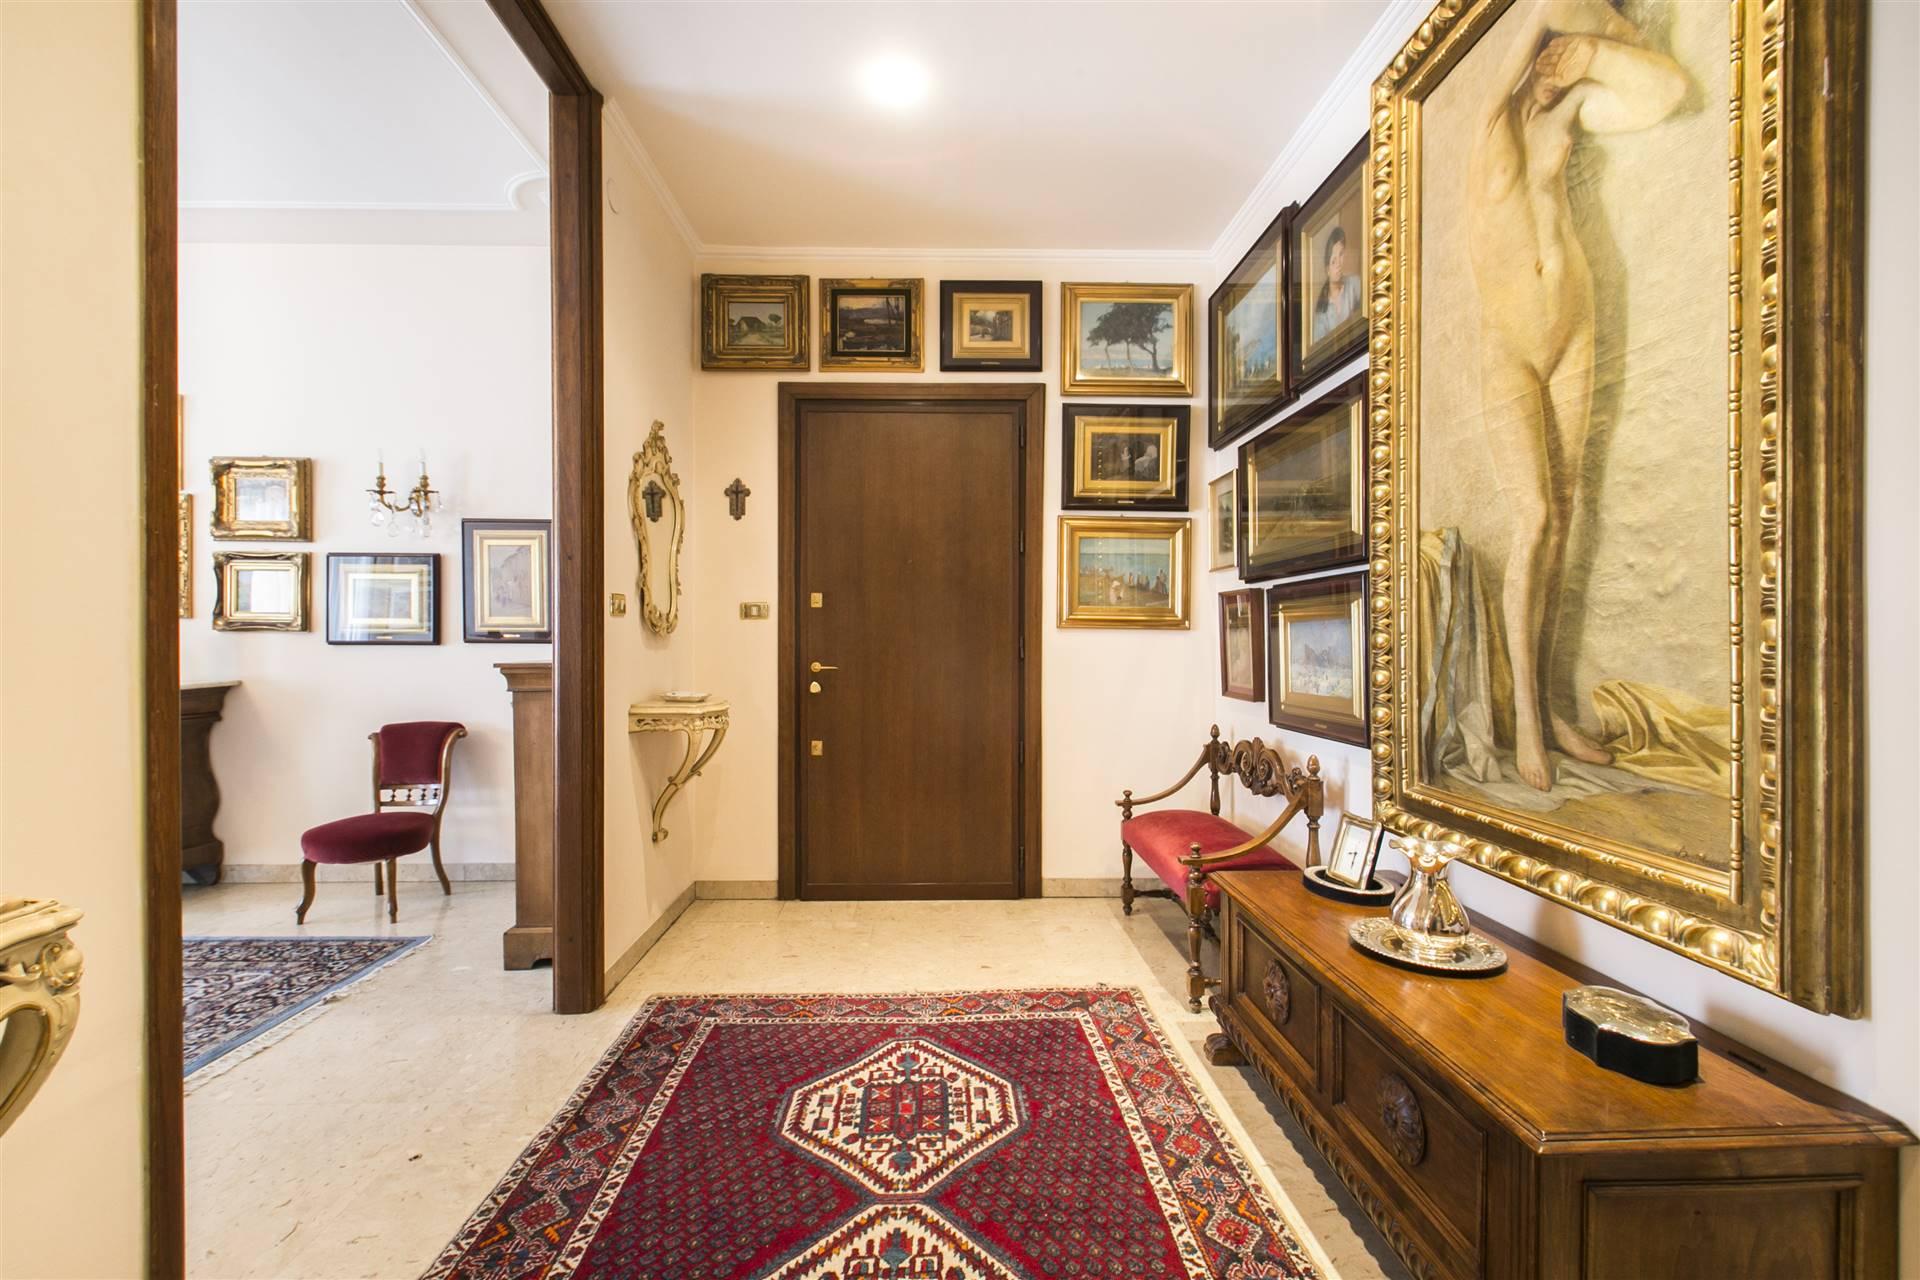 STAZIONE CENTRALE, MILANO, Appartamento in vendita, Buone condizioni, Riscaldamento Centralizzato, Classe energetica: E, Epi: 161,68 kwh/m2 anno,